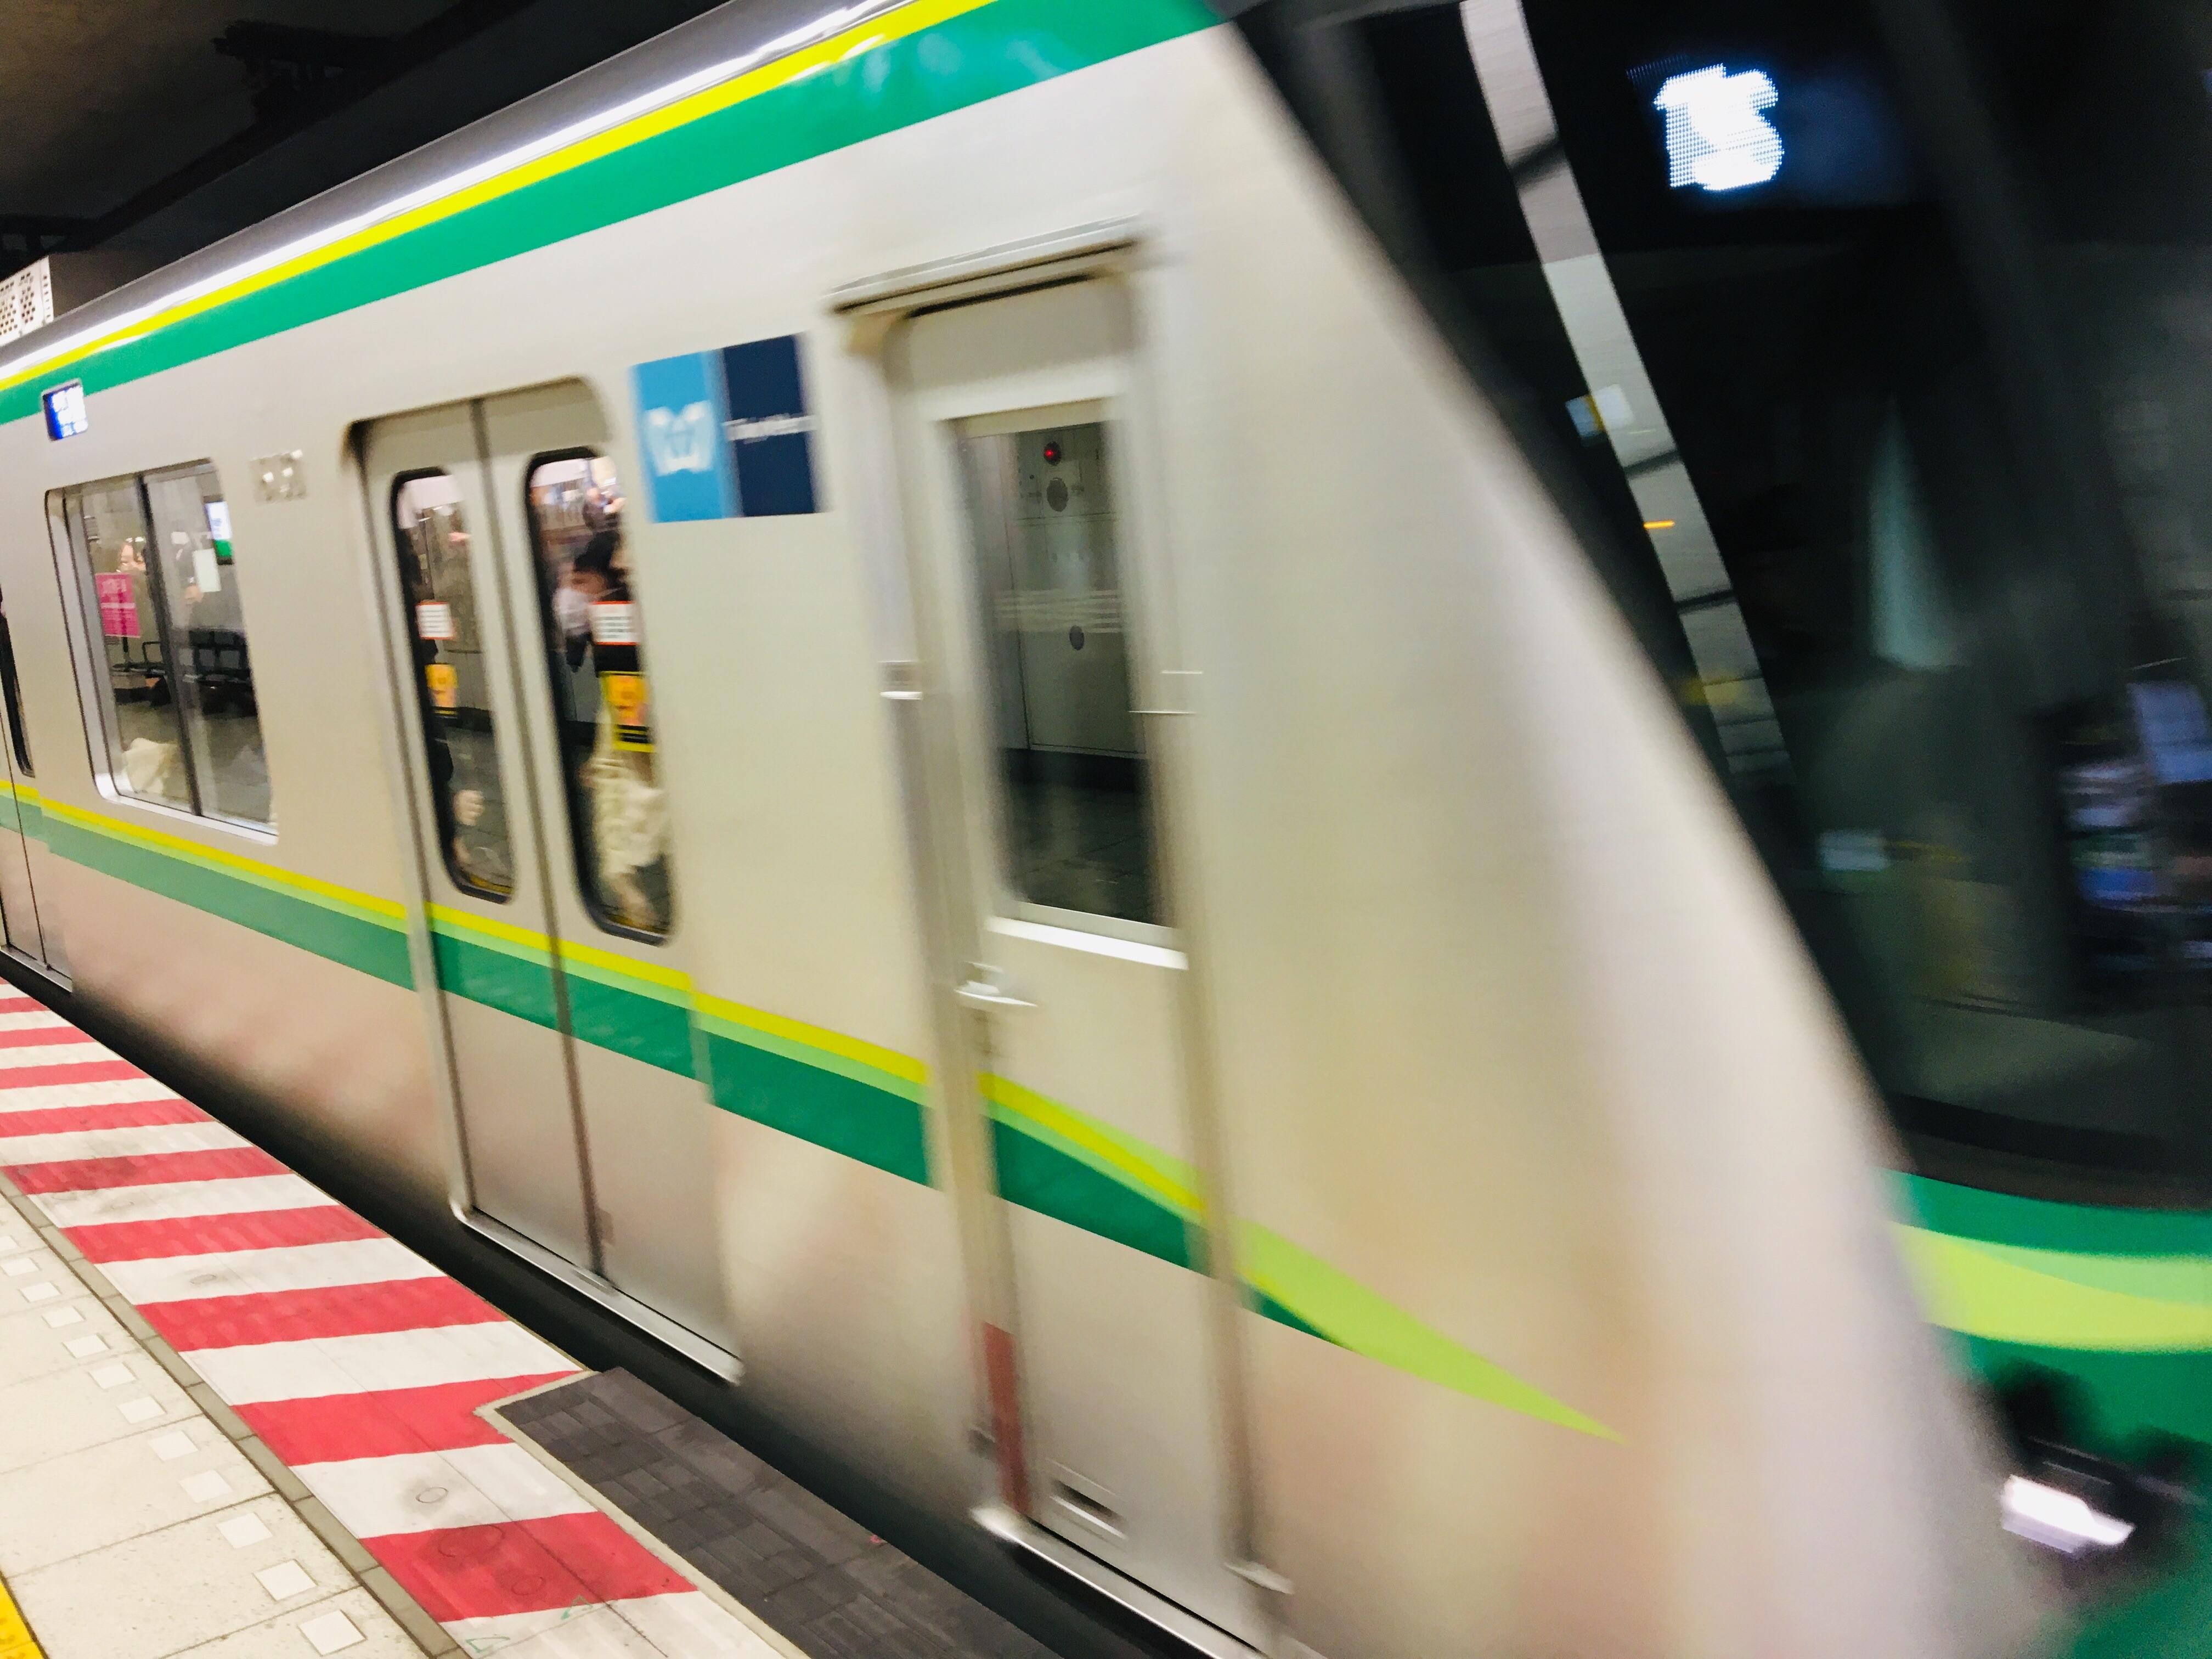 f:id:tokyo100k:20181210215805j:image